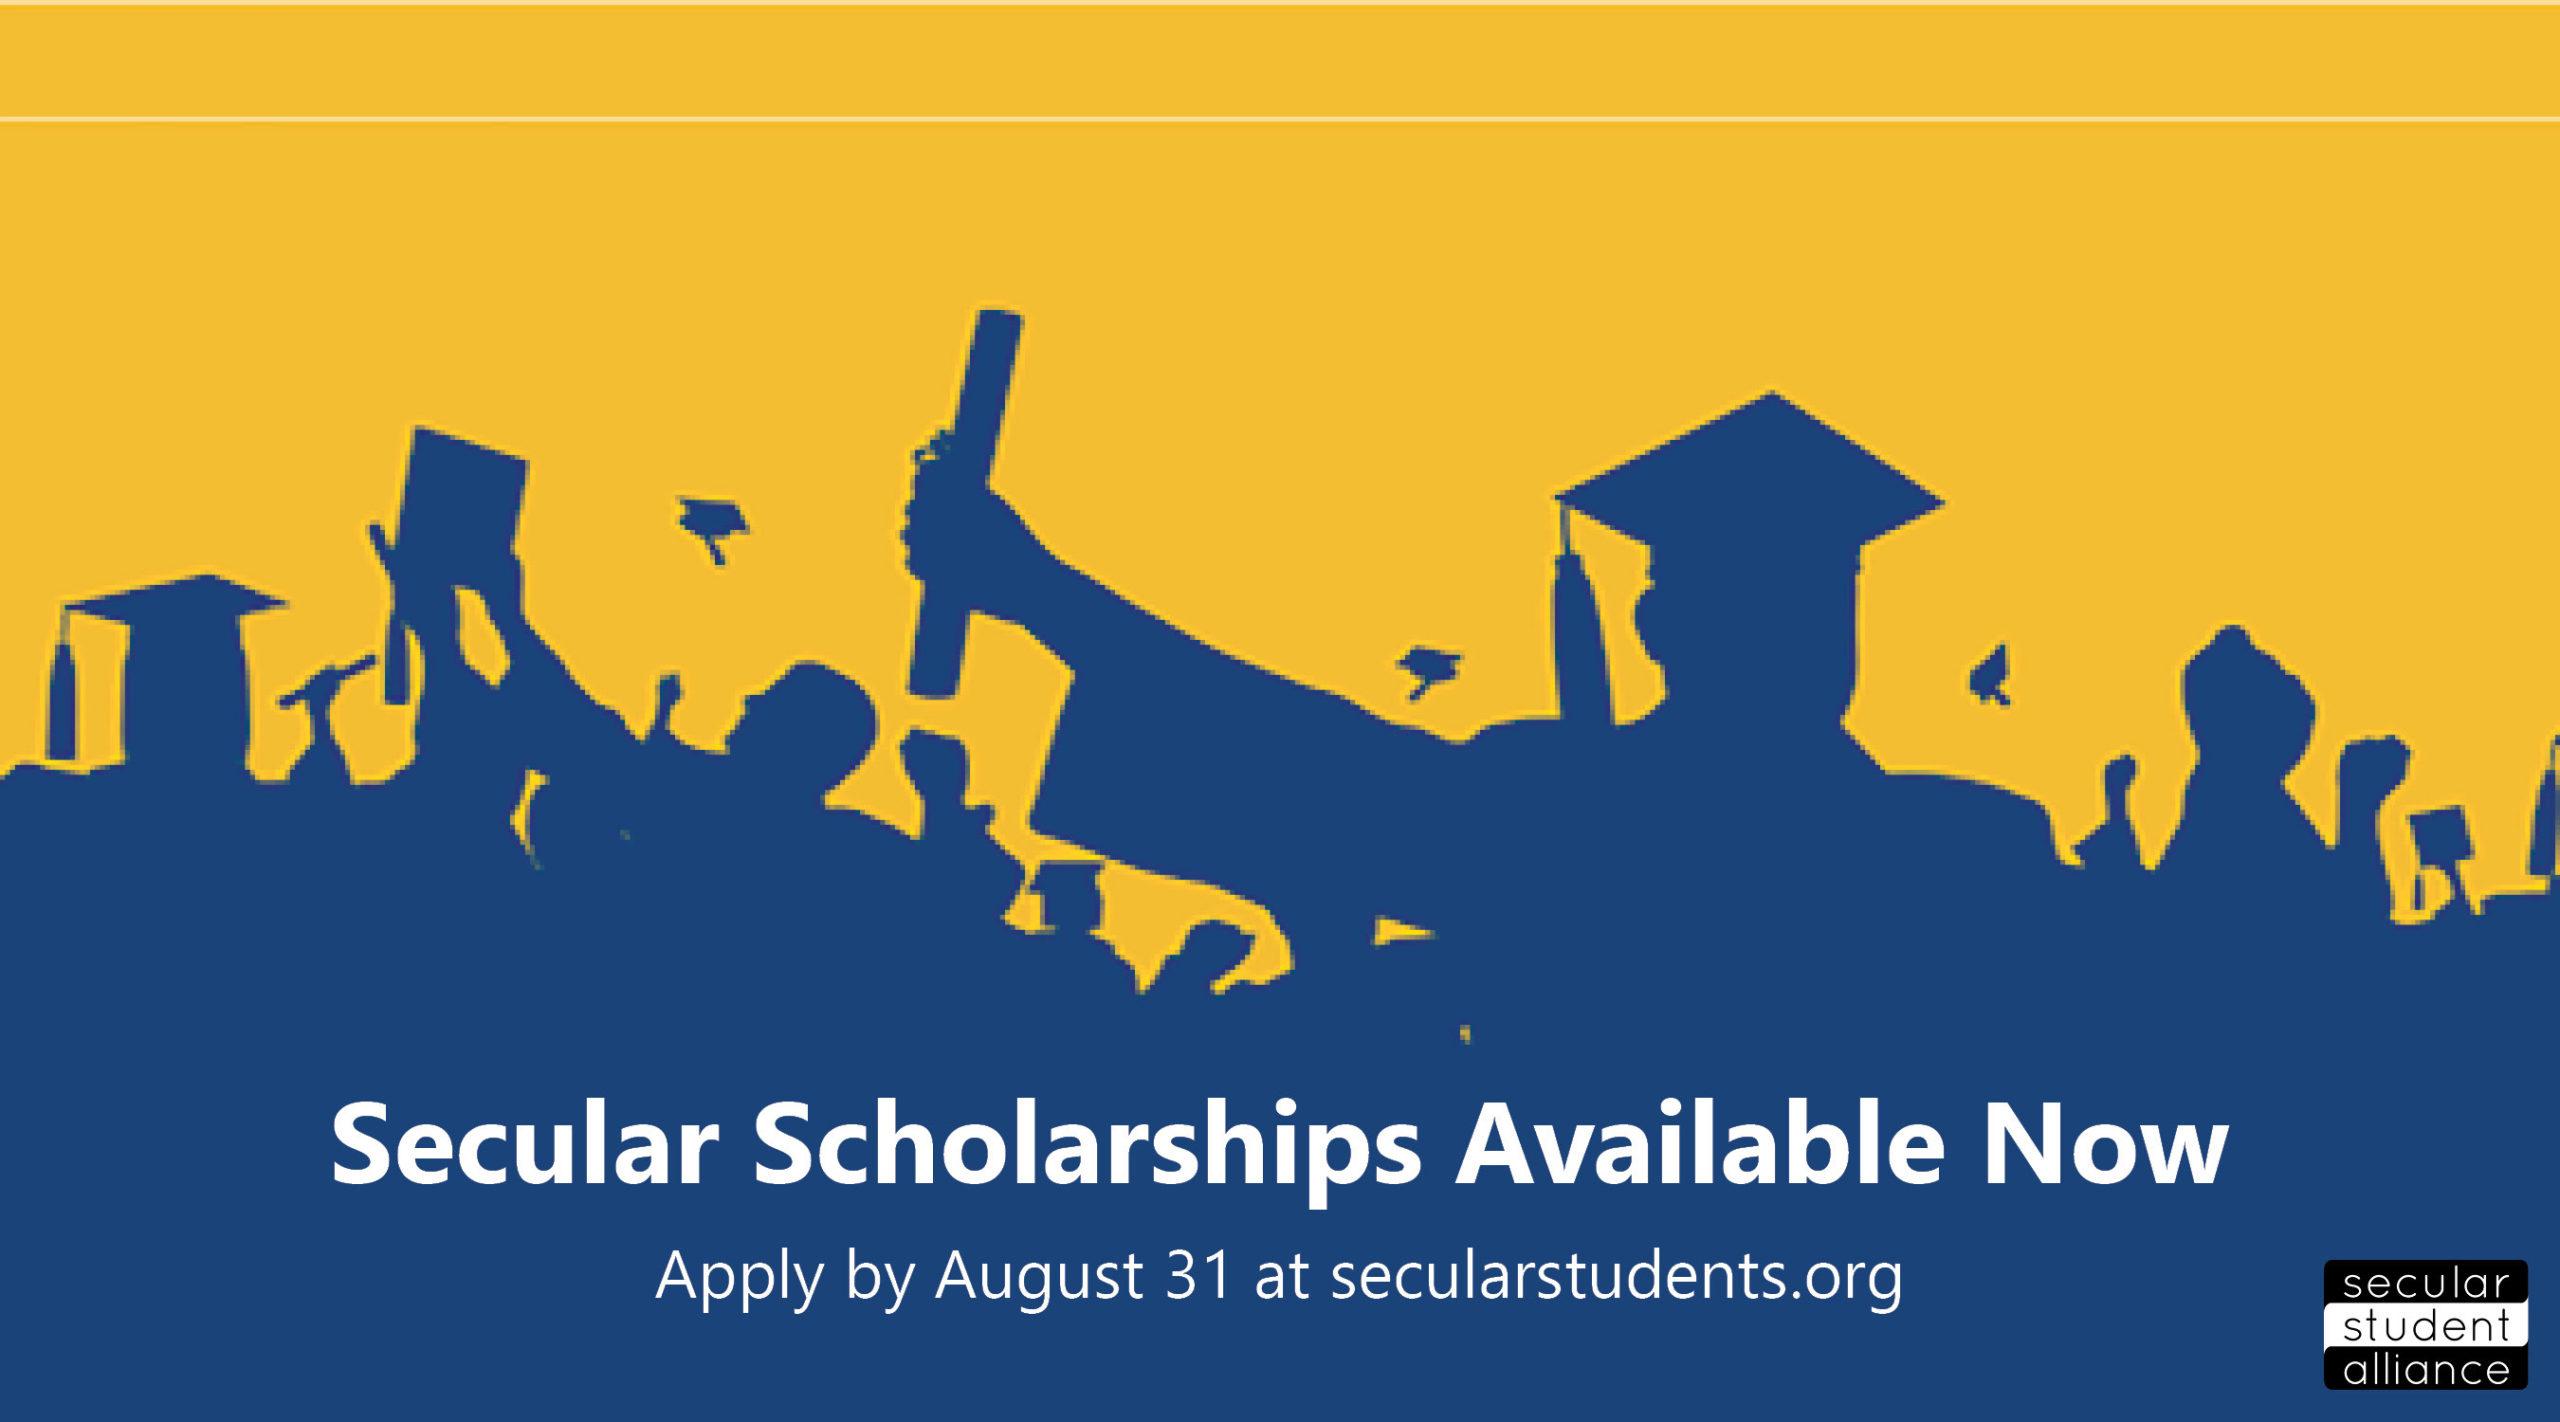 ssa scholarship3 social media 2020